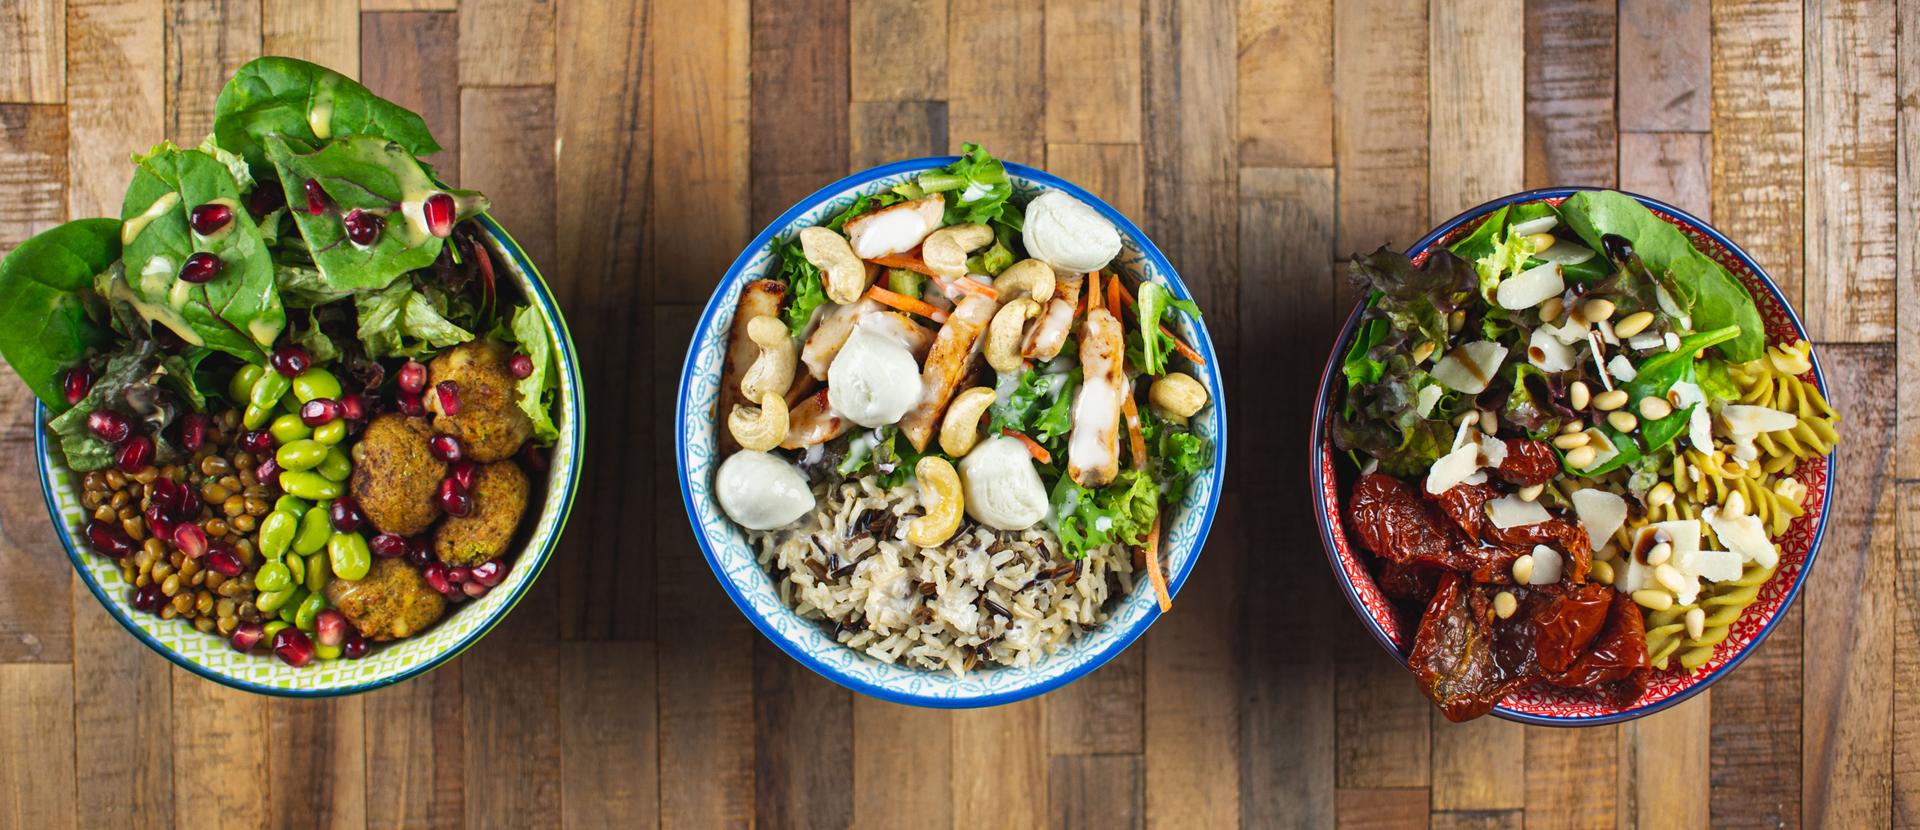 drei Schalen mit verschiedenen Salat-Bowl-Varianten